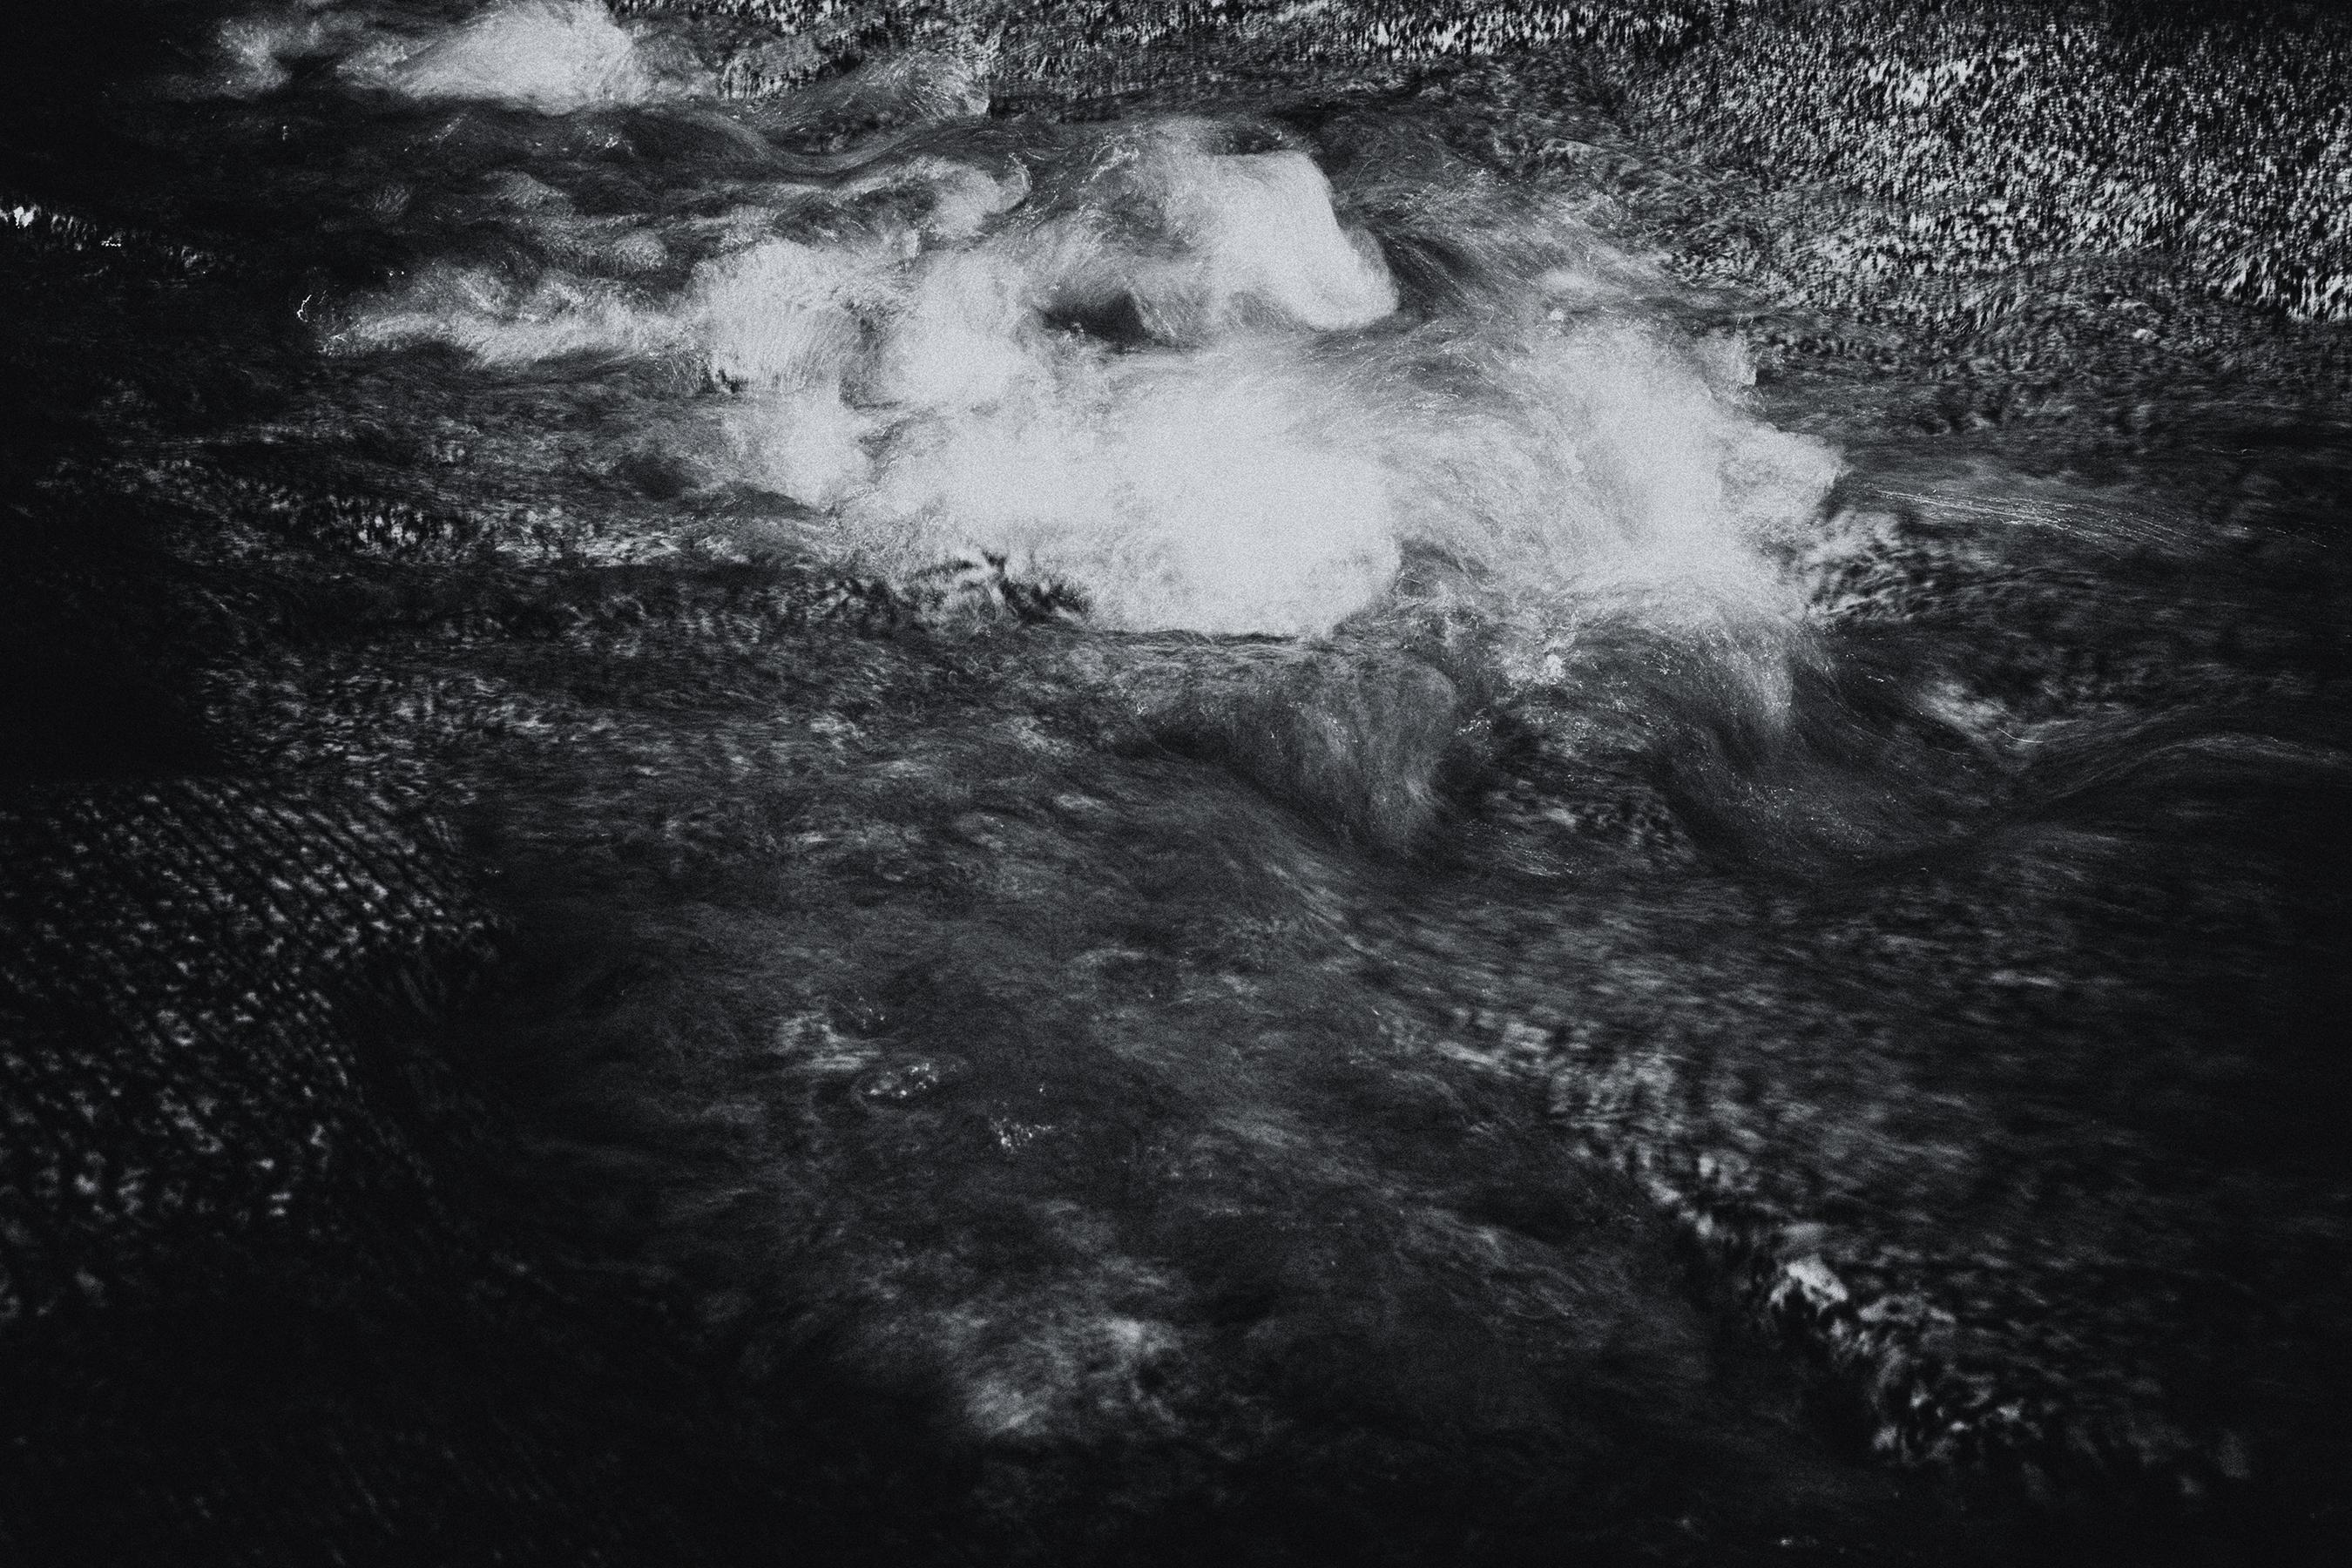 Sofrimento da água